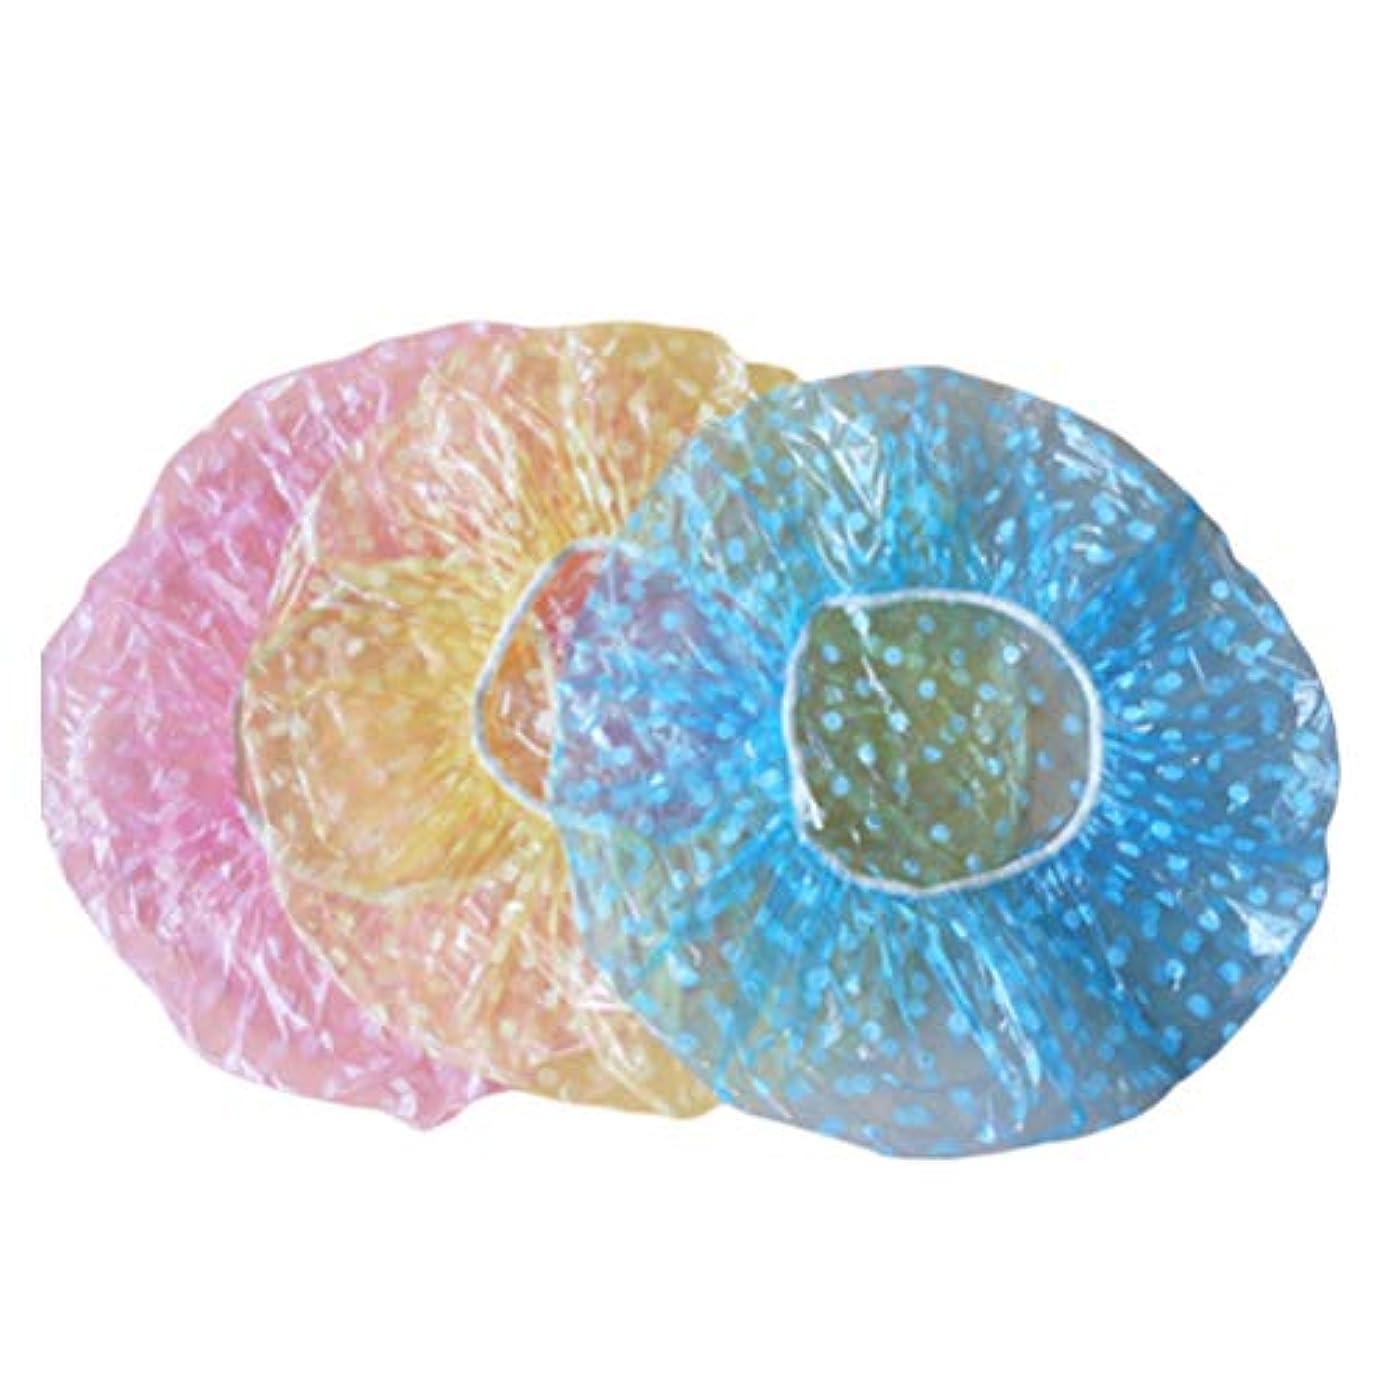 枠ベイビー慢性的Frcolor シャワーキャップ お風呂 キャップ レディース 使い捨てキャップ シャワー サロン用 60枚セット(混色)